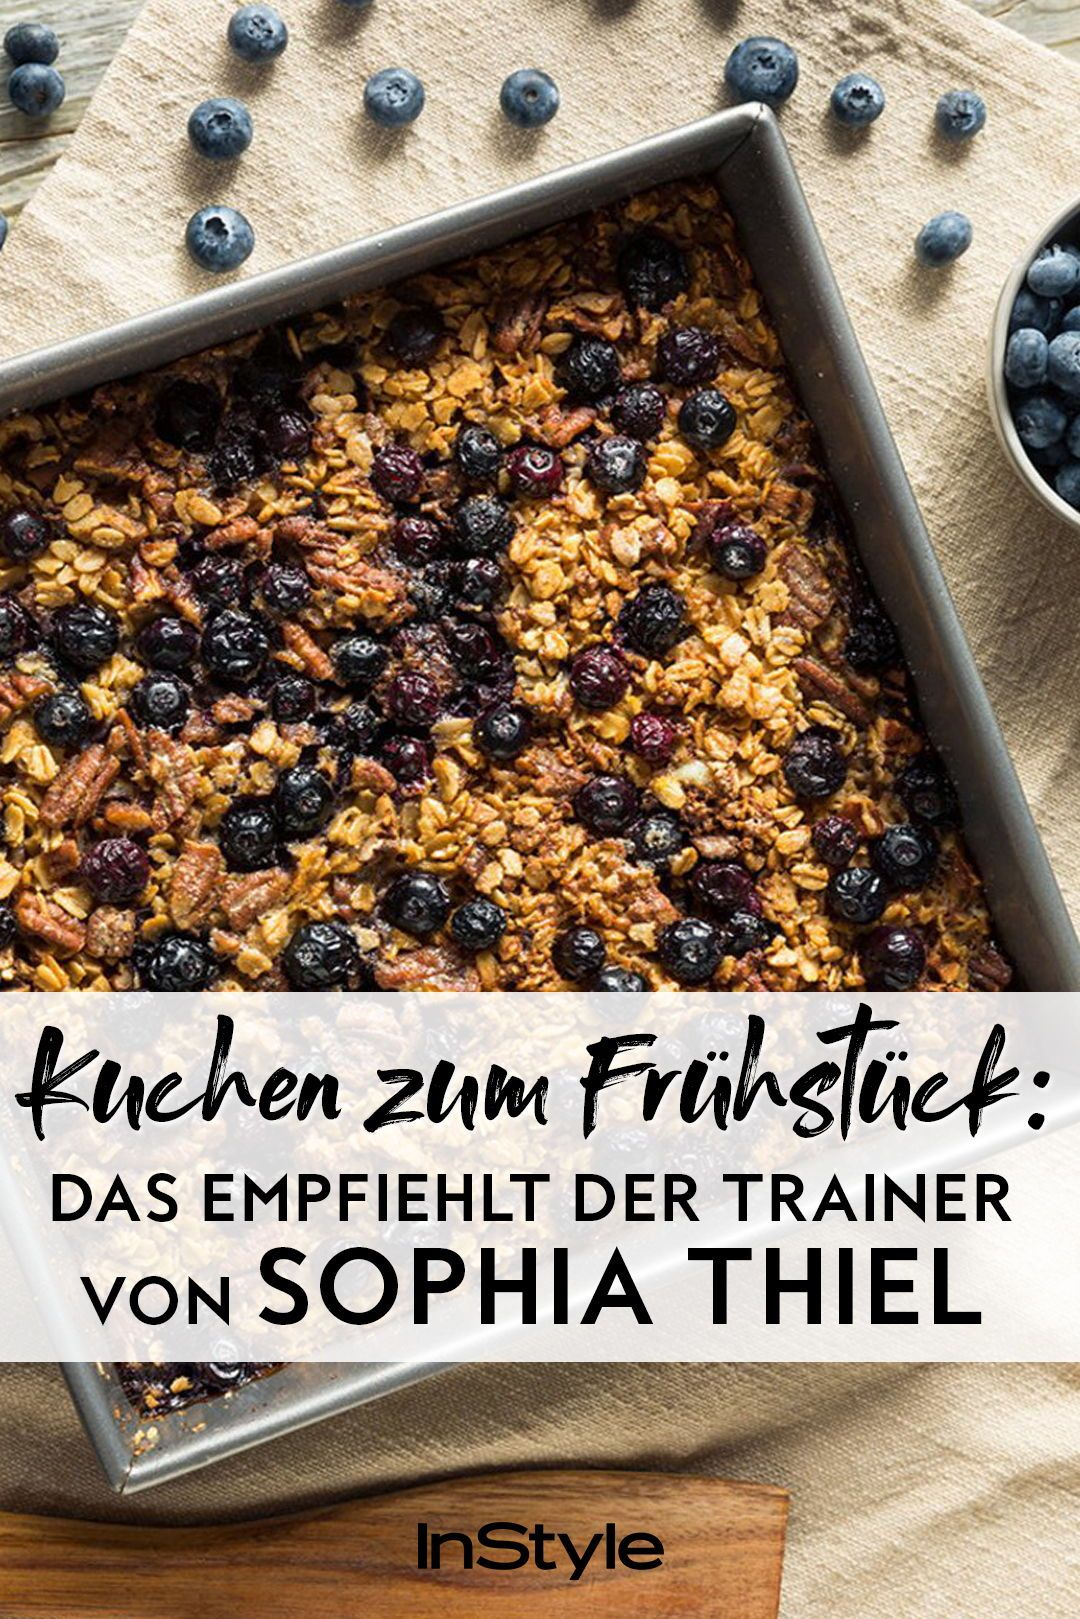 Diät: Diesen Kuchen empfiehlt der Trainer von Sophia Thiel zum Frühstück – wir haben das Rezept